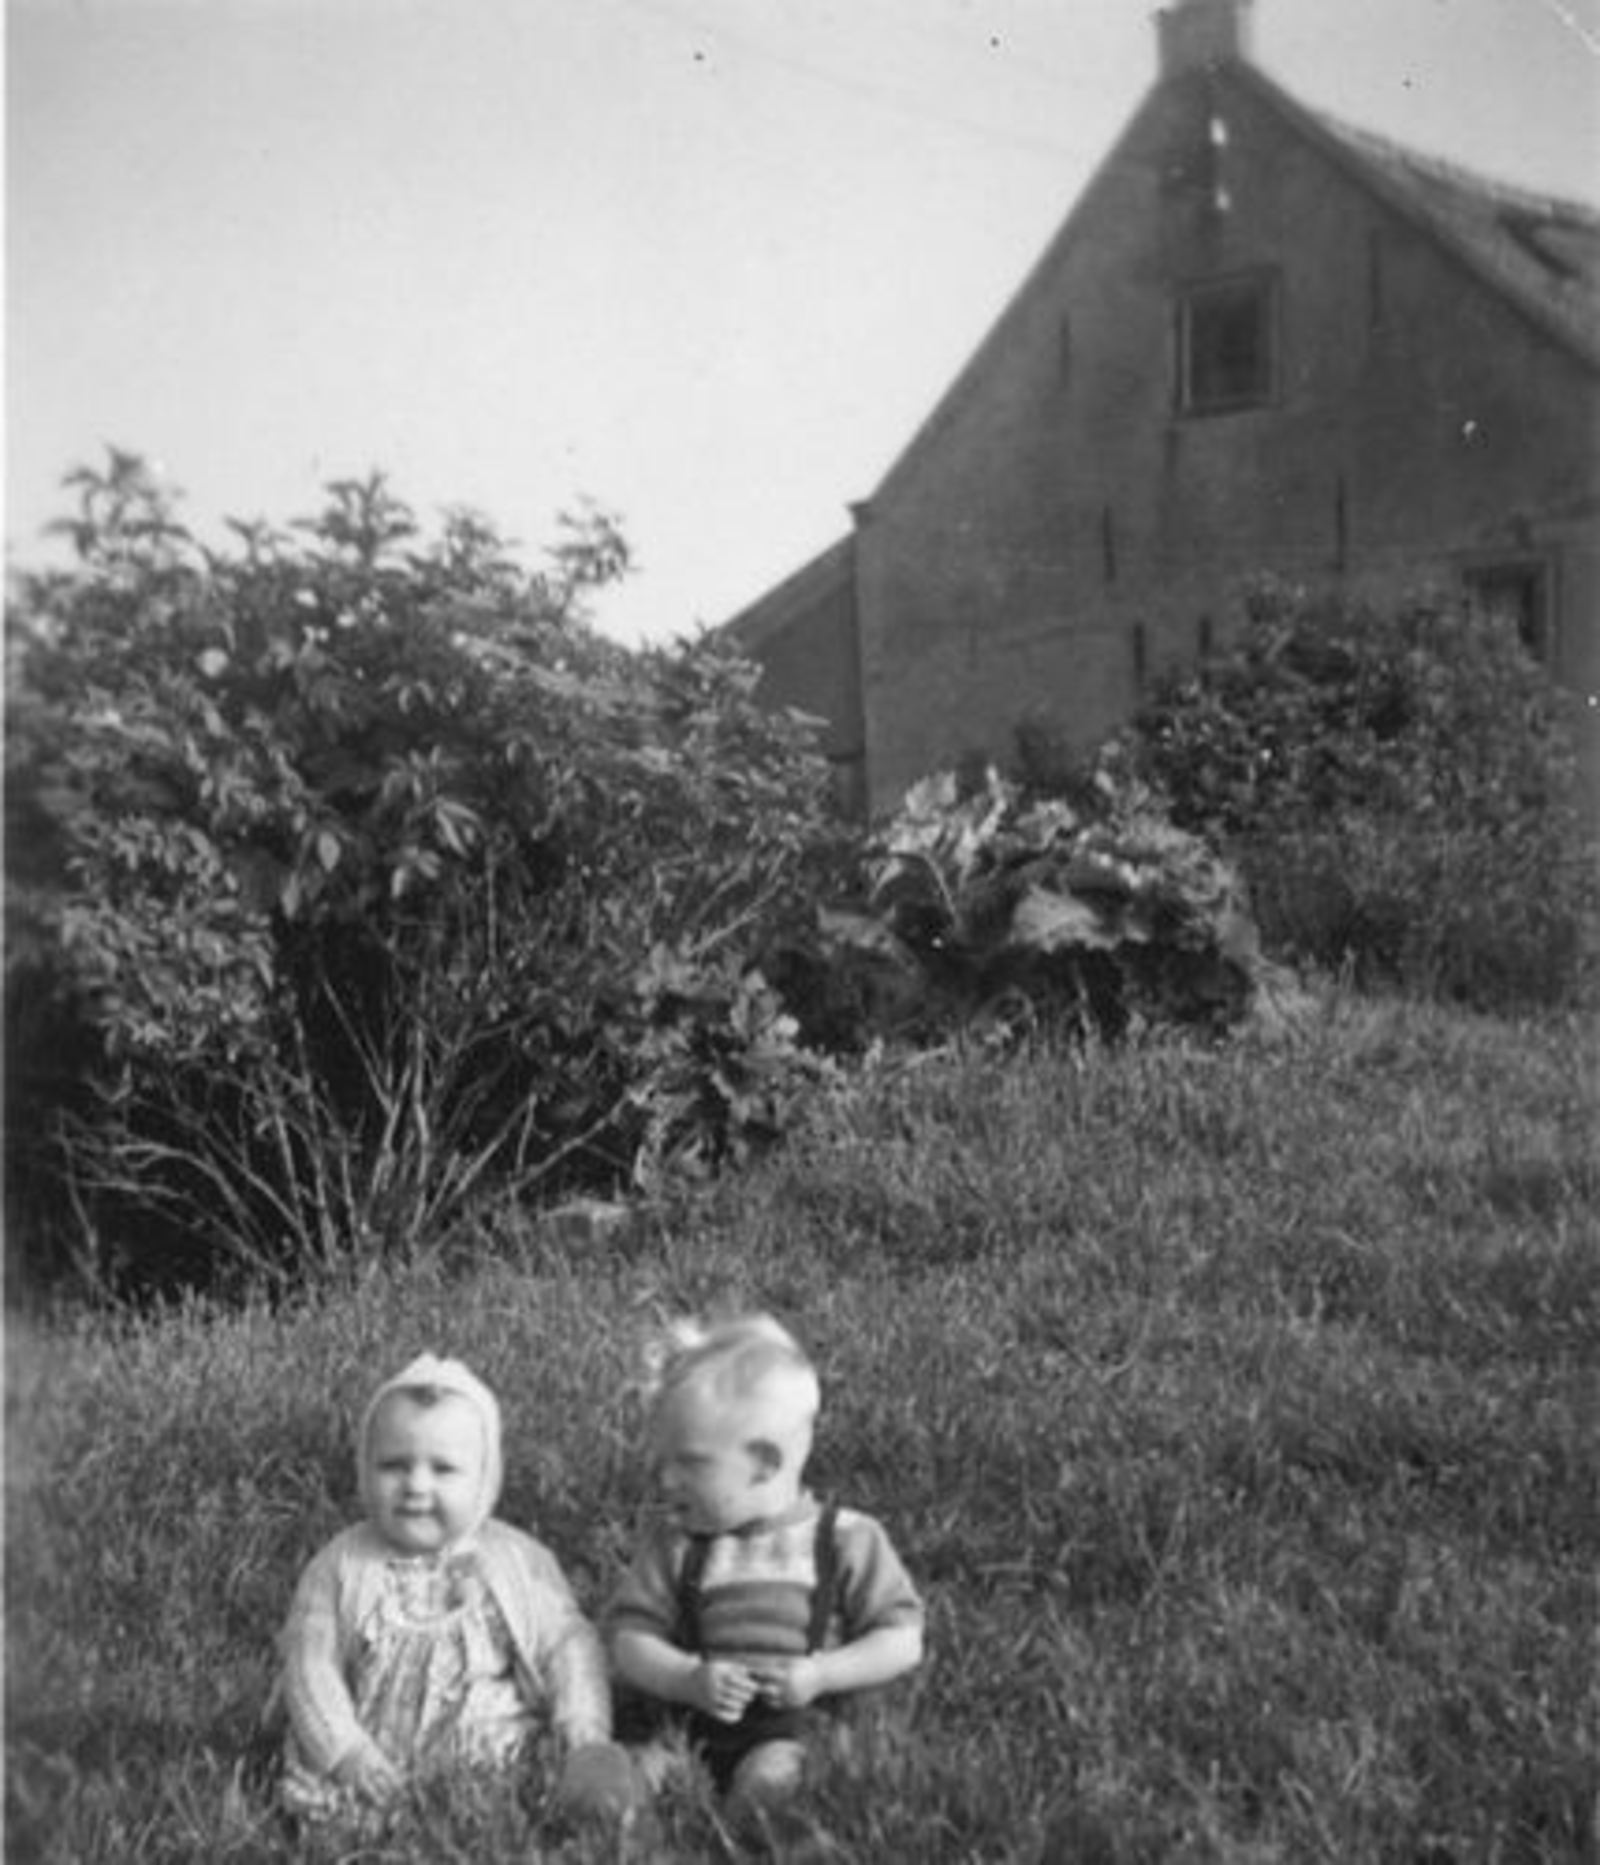 Hillegommerdijk 0583- 1946± met Robbie Hunneman 06 en Onbekend